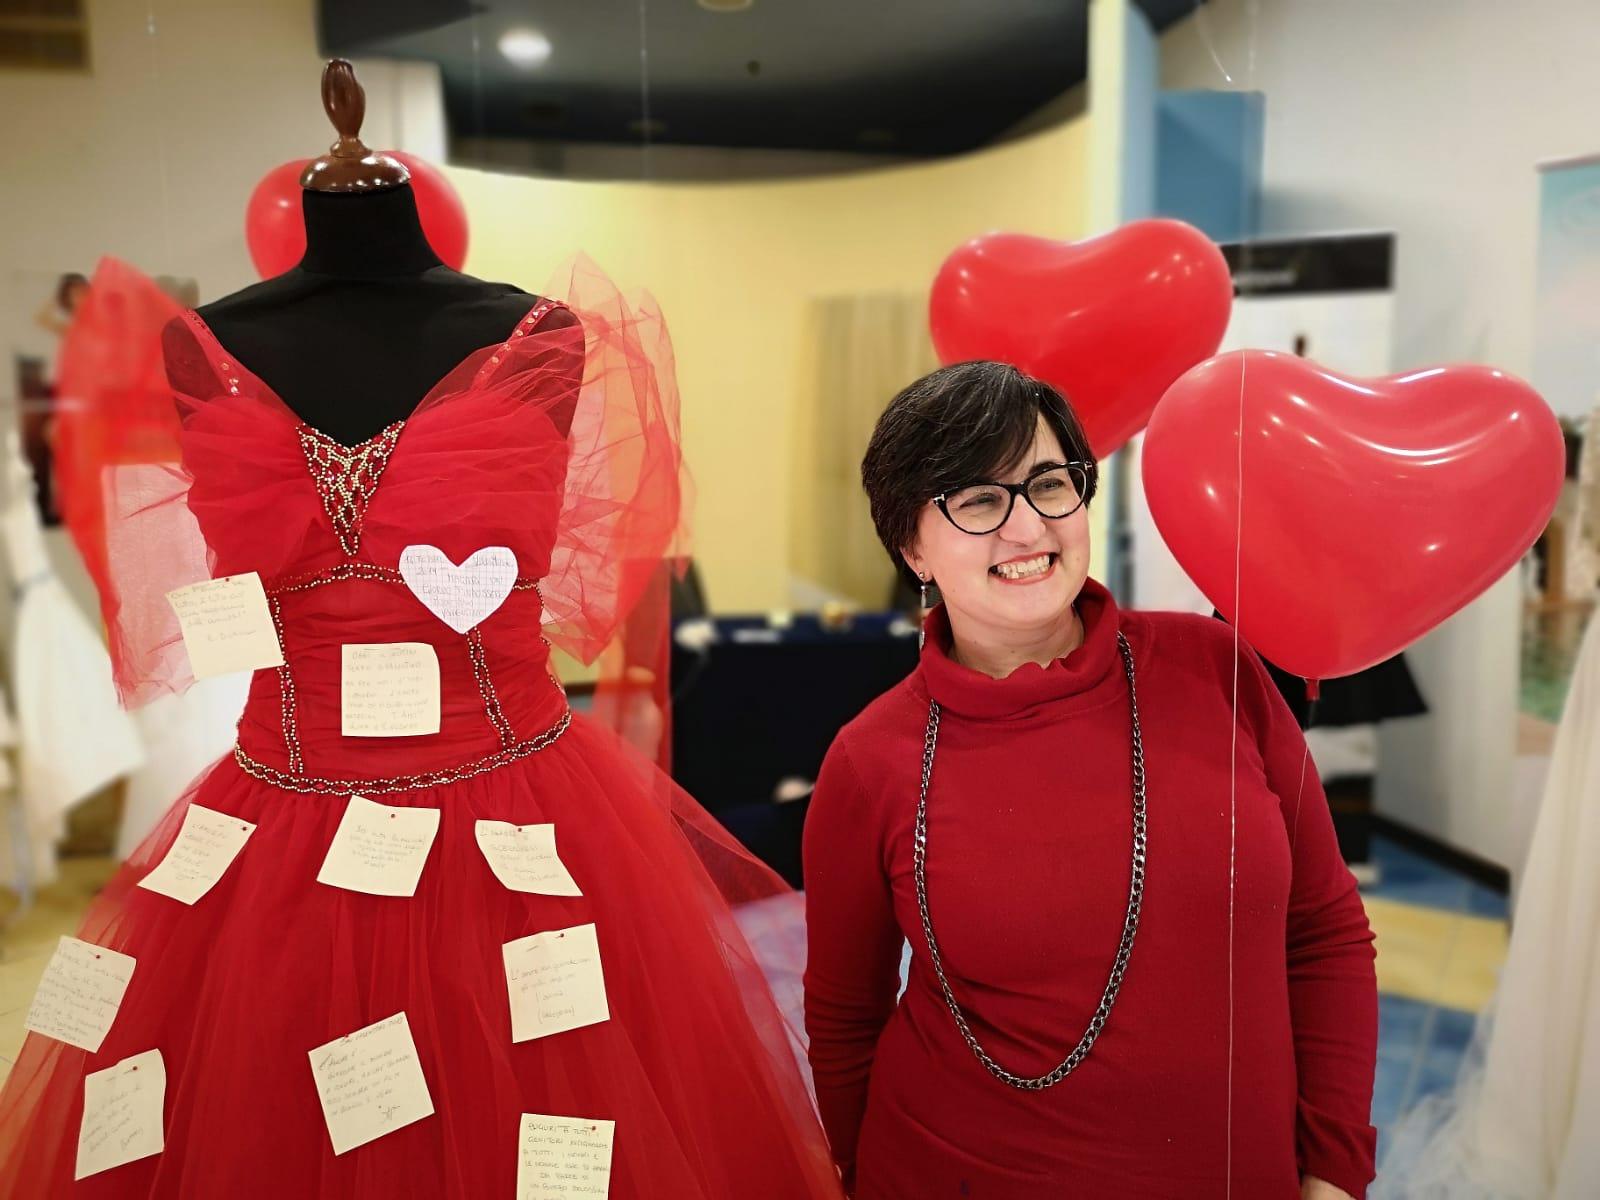 Quell'abito rosso che parla d'amore - Qui Mesagne ...